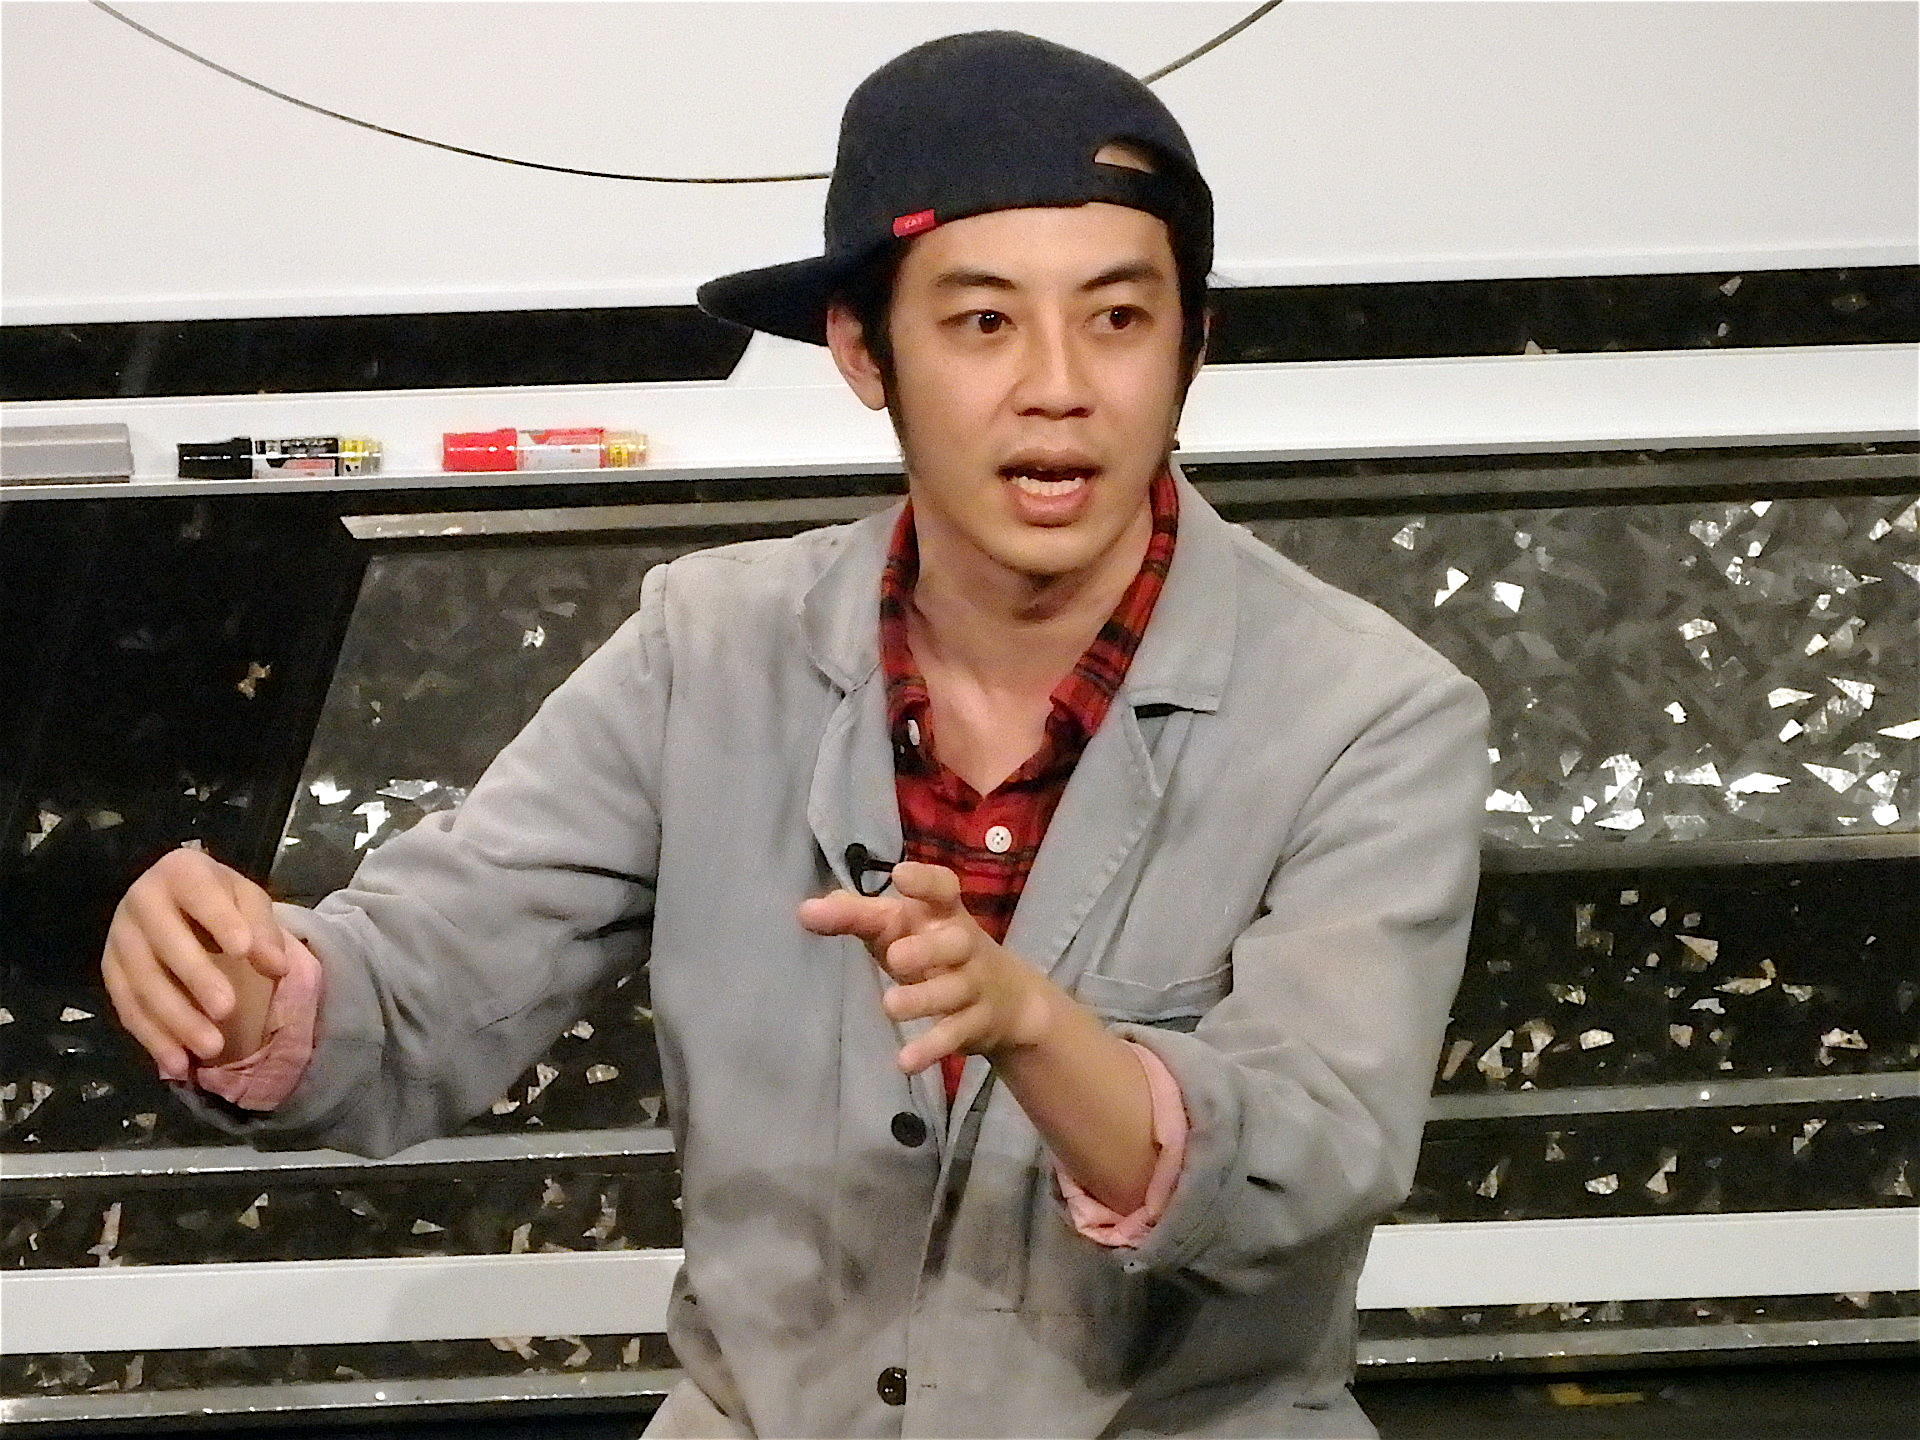 http://news.yoshimoto.co.jp/20160116182116-9e1dfe940c9463f6b7fa4485968b92c74befc27d.jpg